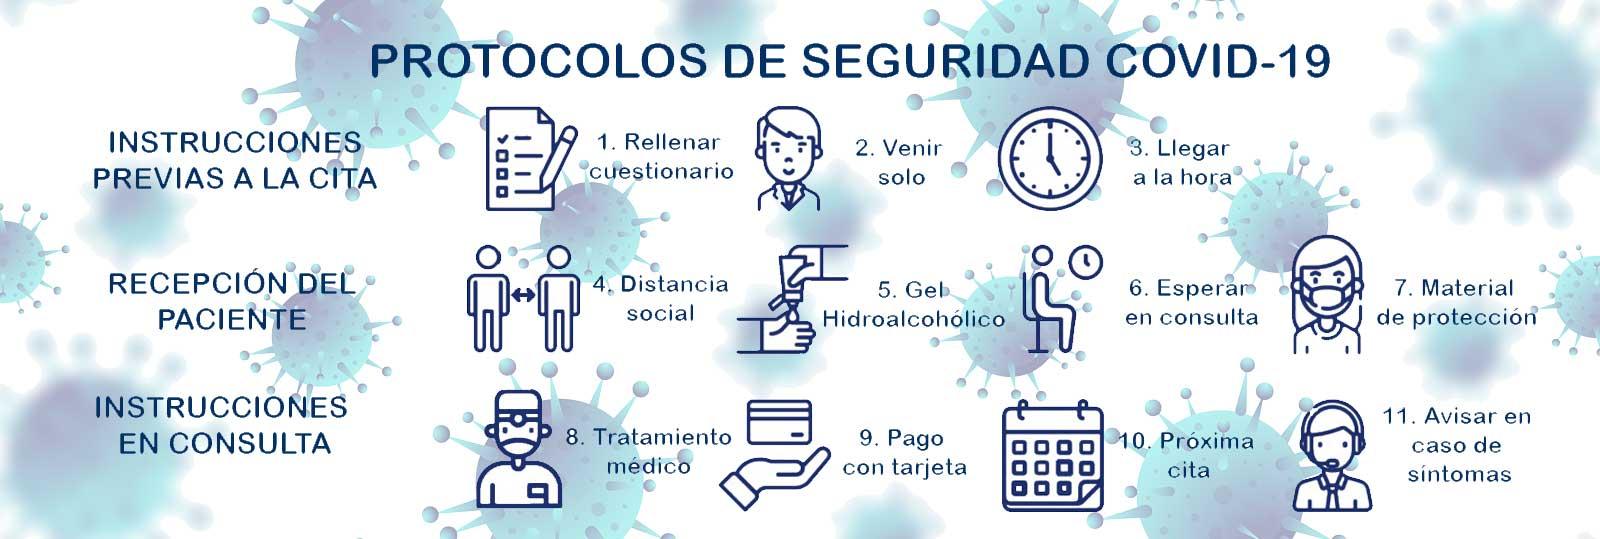 clinica-metica-instrucciones-protocolo-covid19